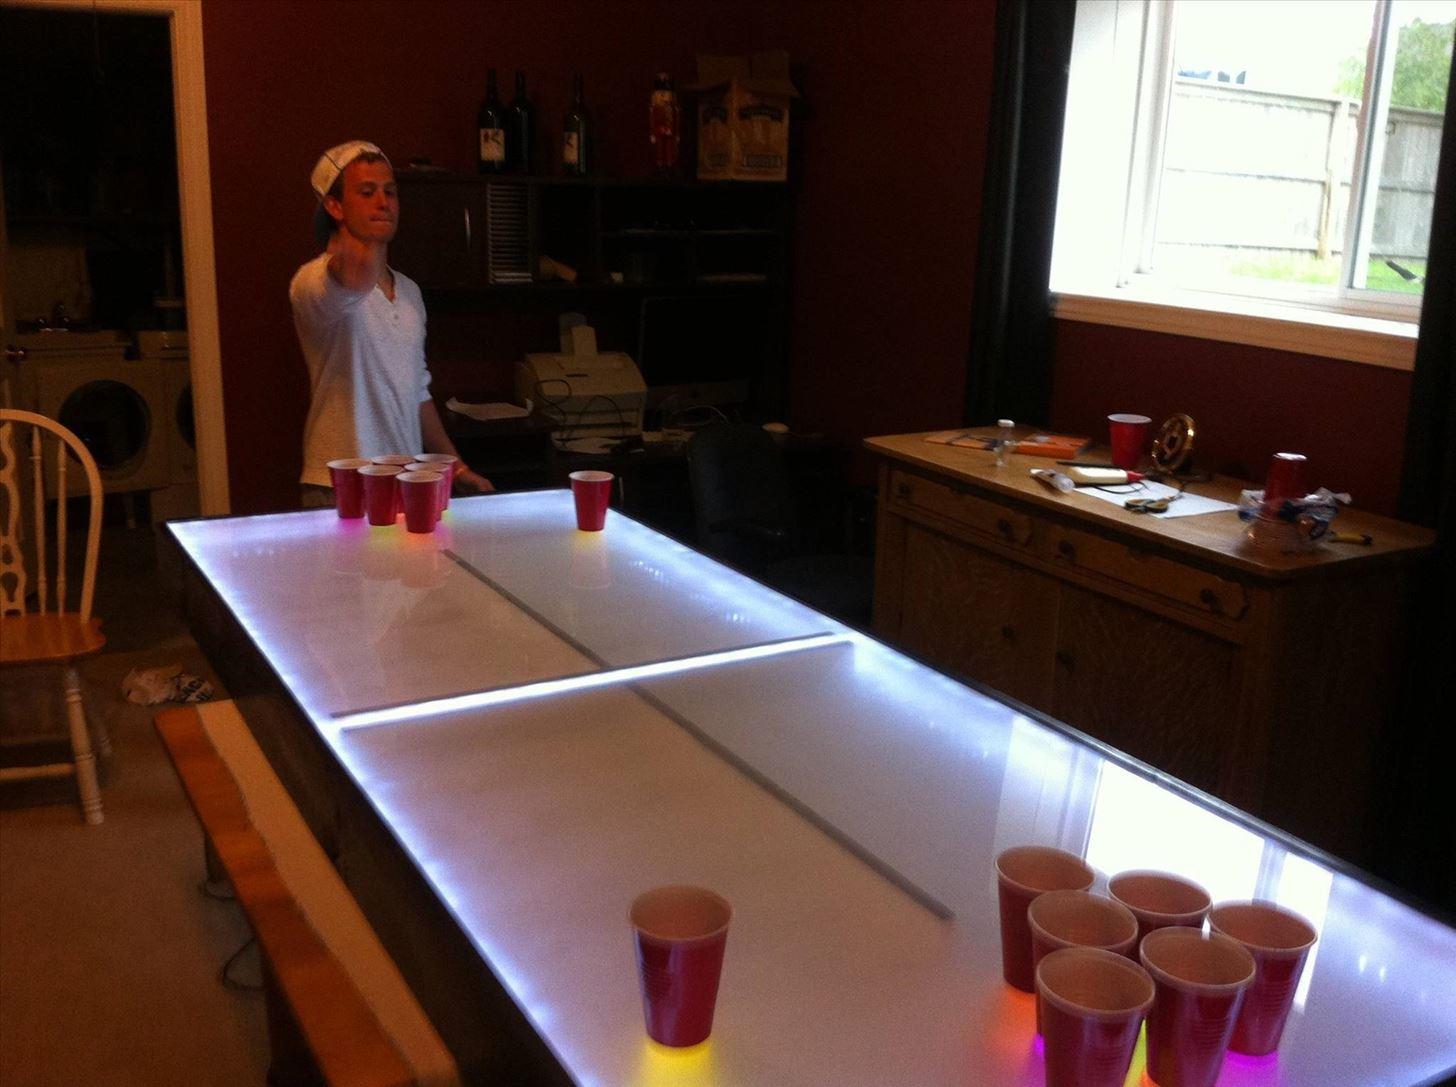 Homemade beer pong table - Image Via Imgur